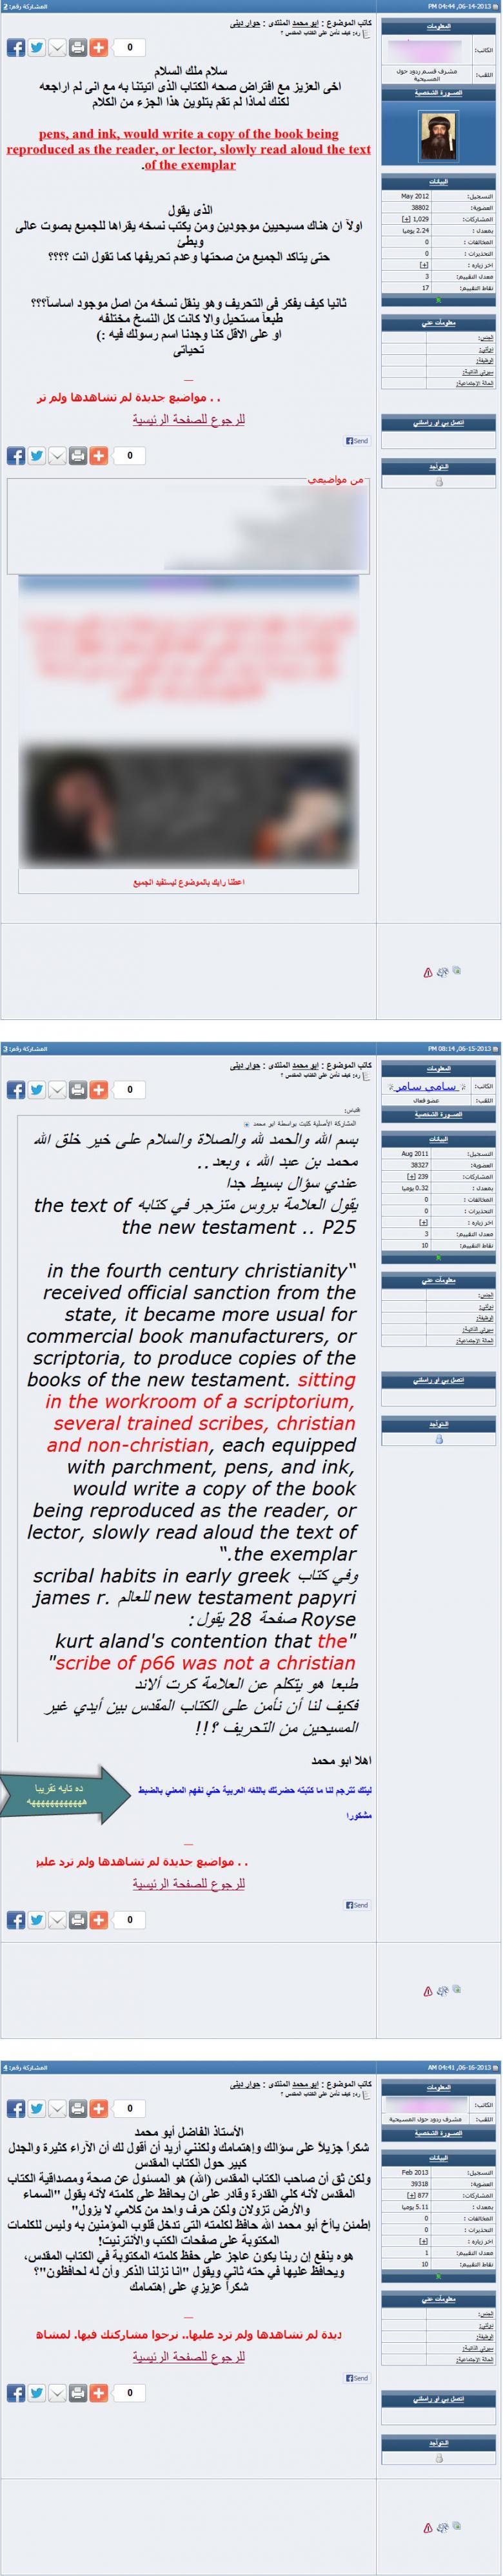 مسيحى: أقوى أكبر مناظرة مصورة كامله داخل منتدى مسيحى عصمه ومخطوطات الكتاب المقدس تنتهى بكشف تحريفه